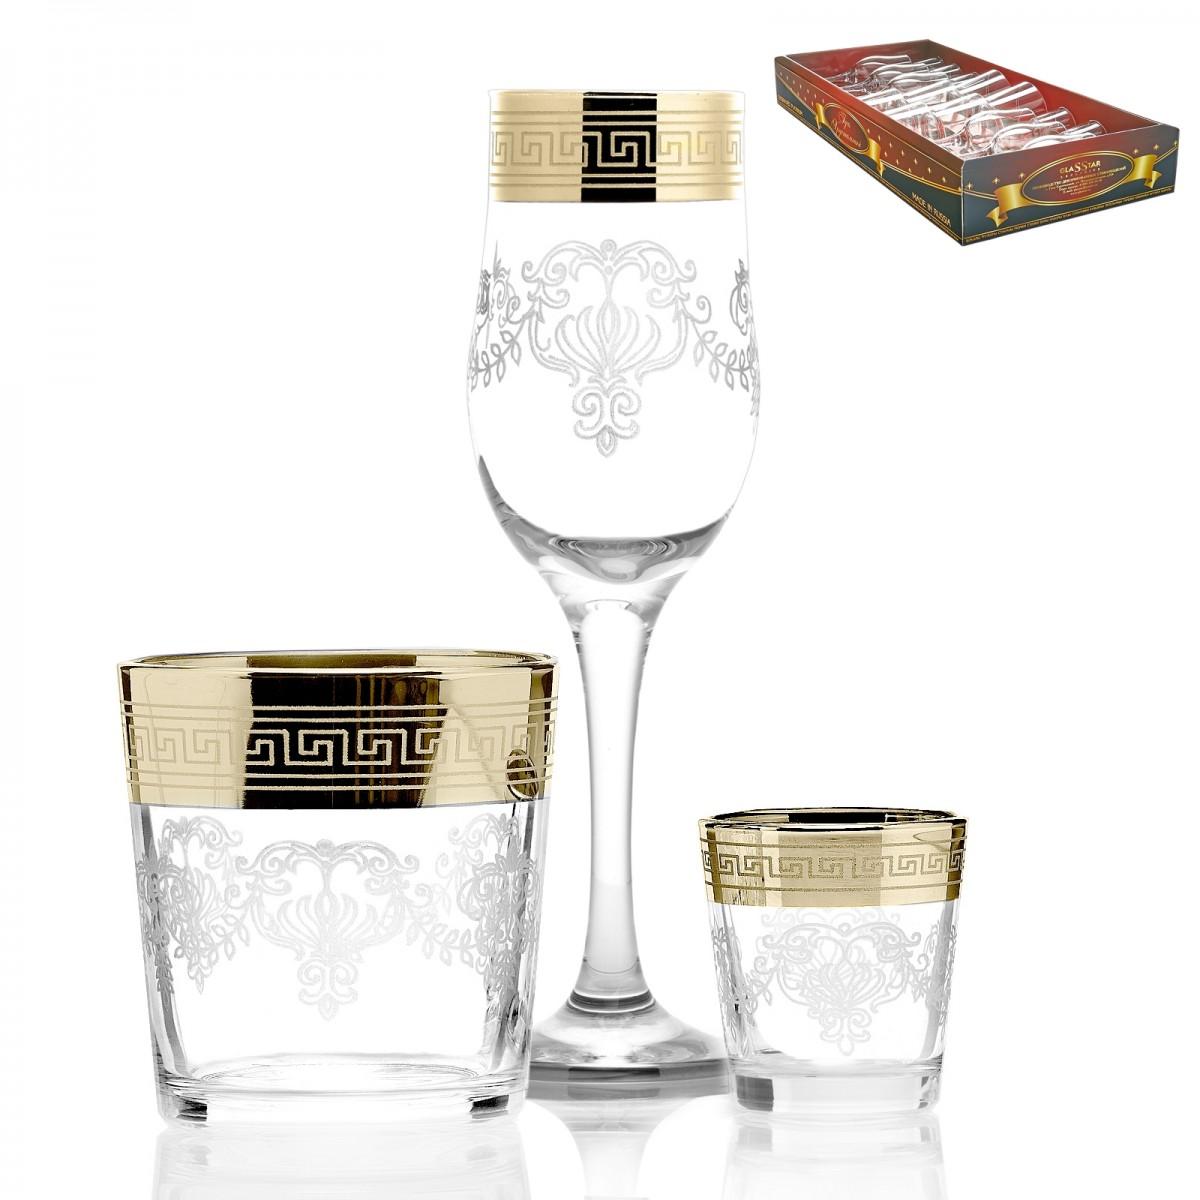 GN1_160_40_50 Набор 18 предметов «Барокко» (6 бокалов + 6 стаканов + 6 стопок)